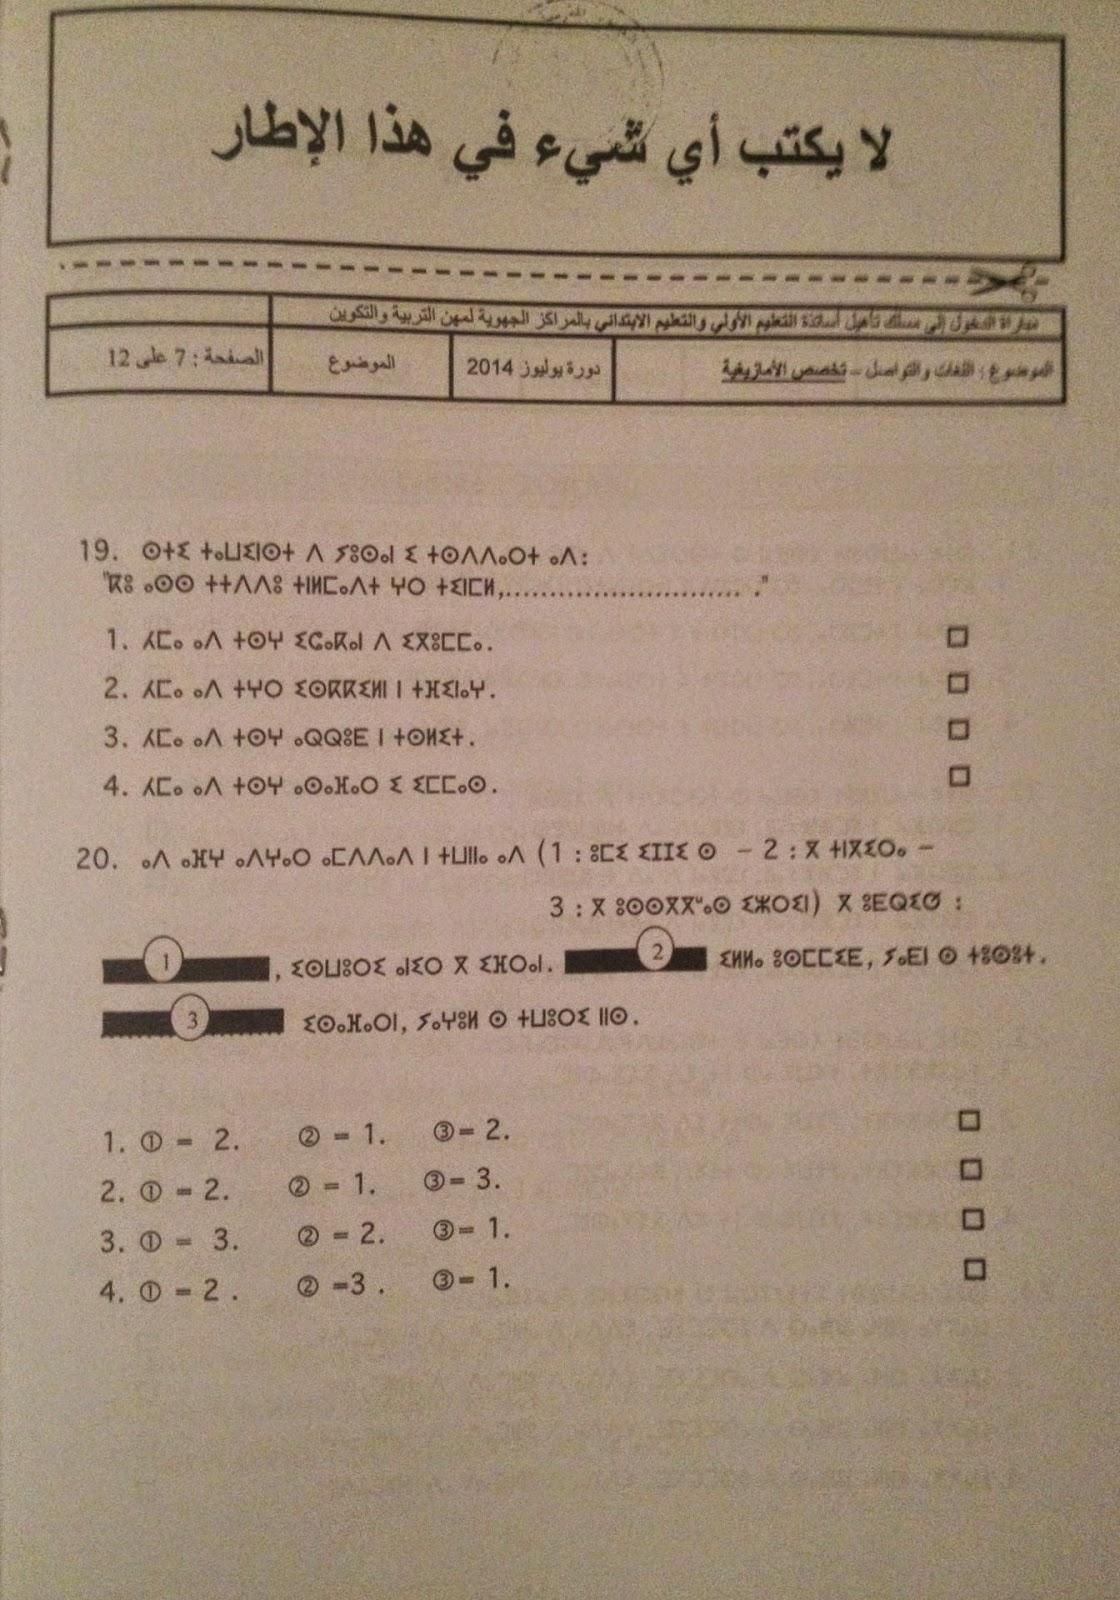 الاختبار الكتابي لولوج المراكز الجهوية للسلك الابتدائي دورة يوليوز 2014- الامازيغية  Nouveau%2Bdocument%2B5_7